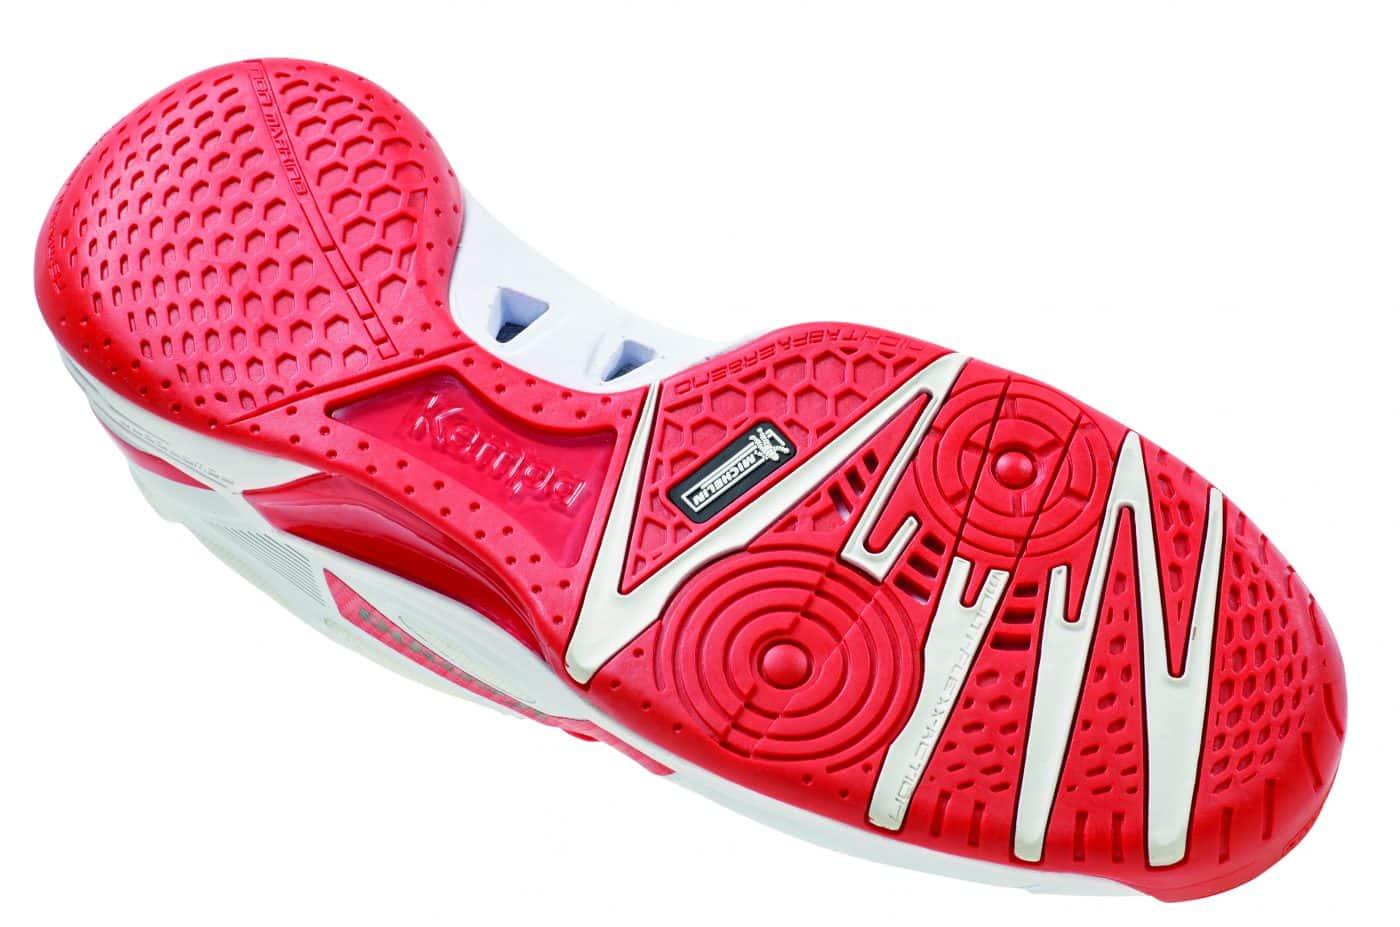 Lidl Les 3 Starligue De Gardiens Meilleurs Chaussures Des x8gqFfY8 92fb767567c2